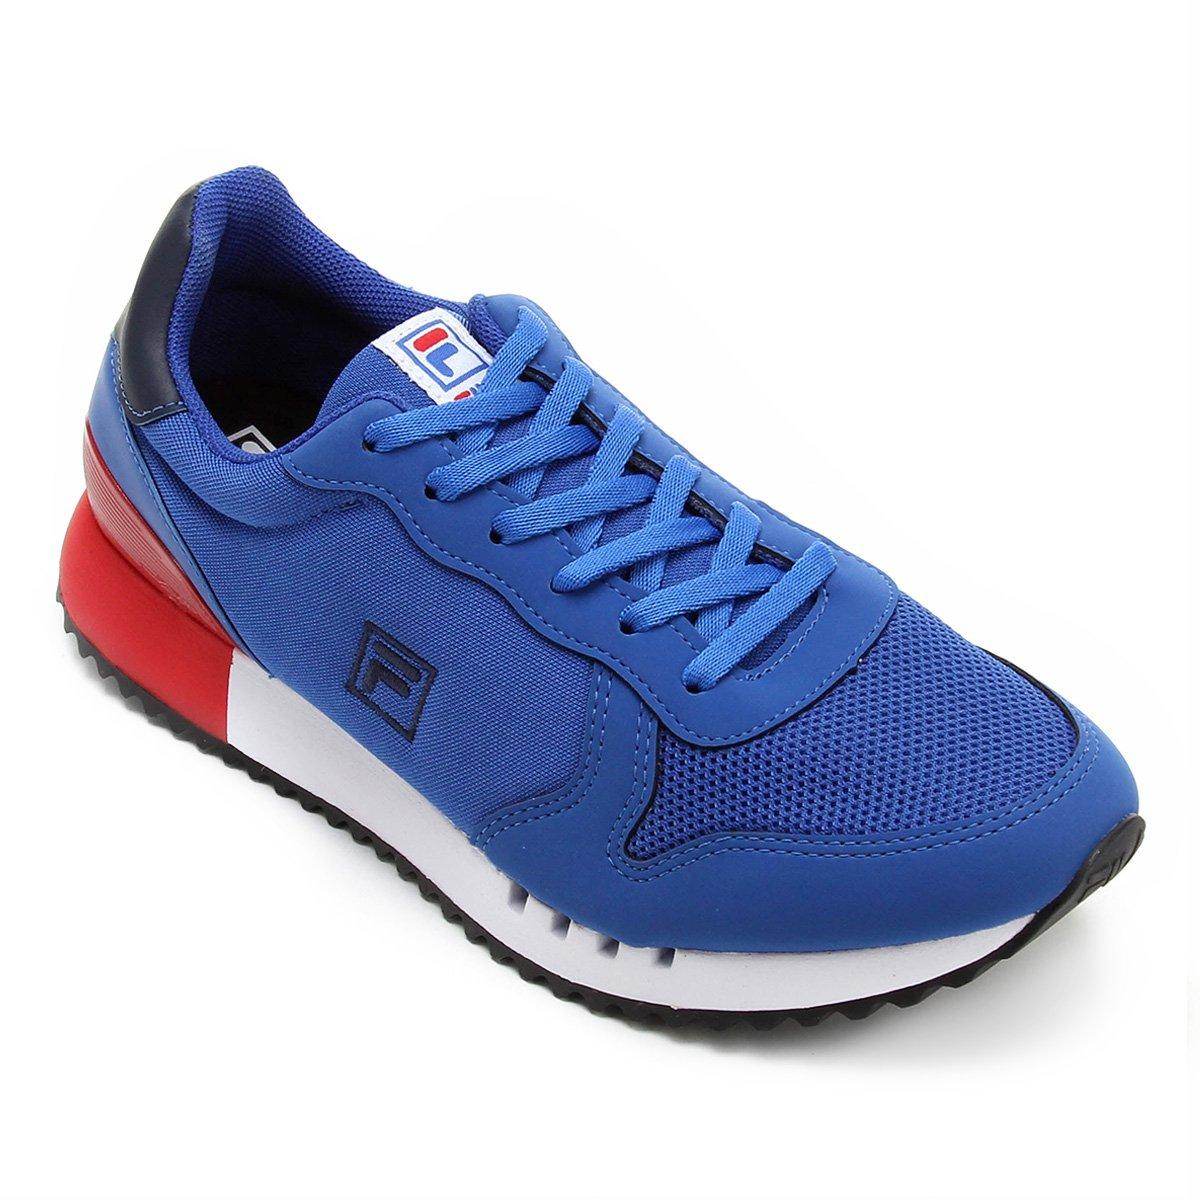 5786e6a0c0e Tênis Fila Retrô Runner Masculino - Azul e Marinho - Compre Agora ...